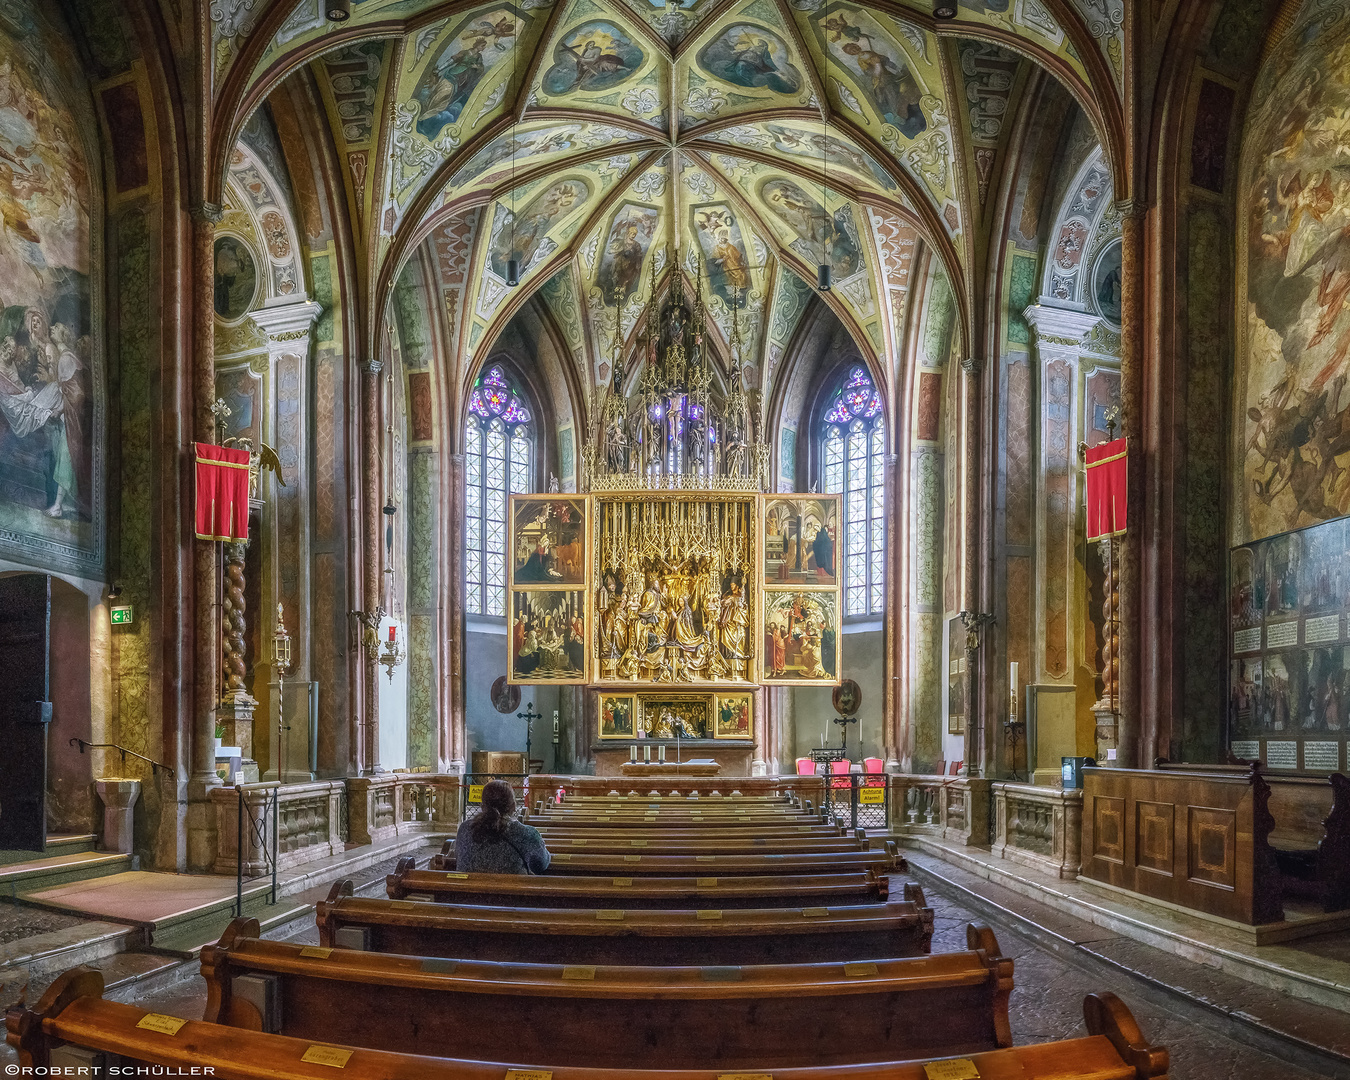 Pfarrkirche Sankt Wolfgang am Wolfgangsee mit dem weltberühmten gotischen Altar